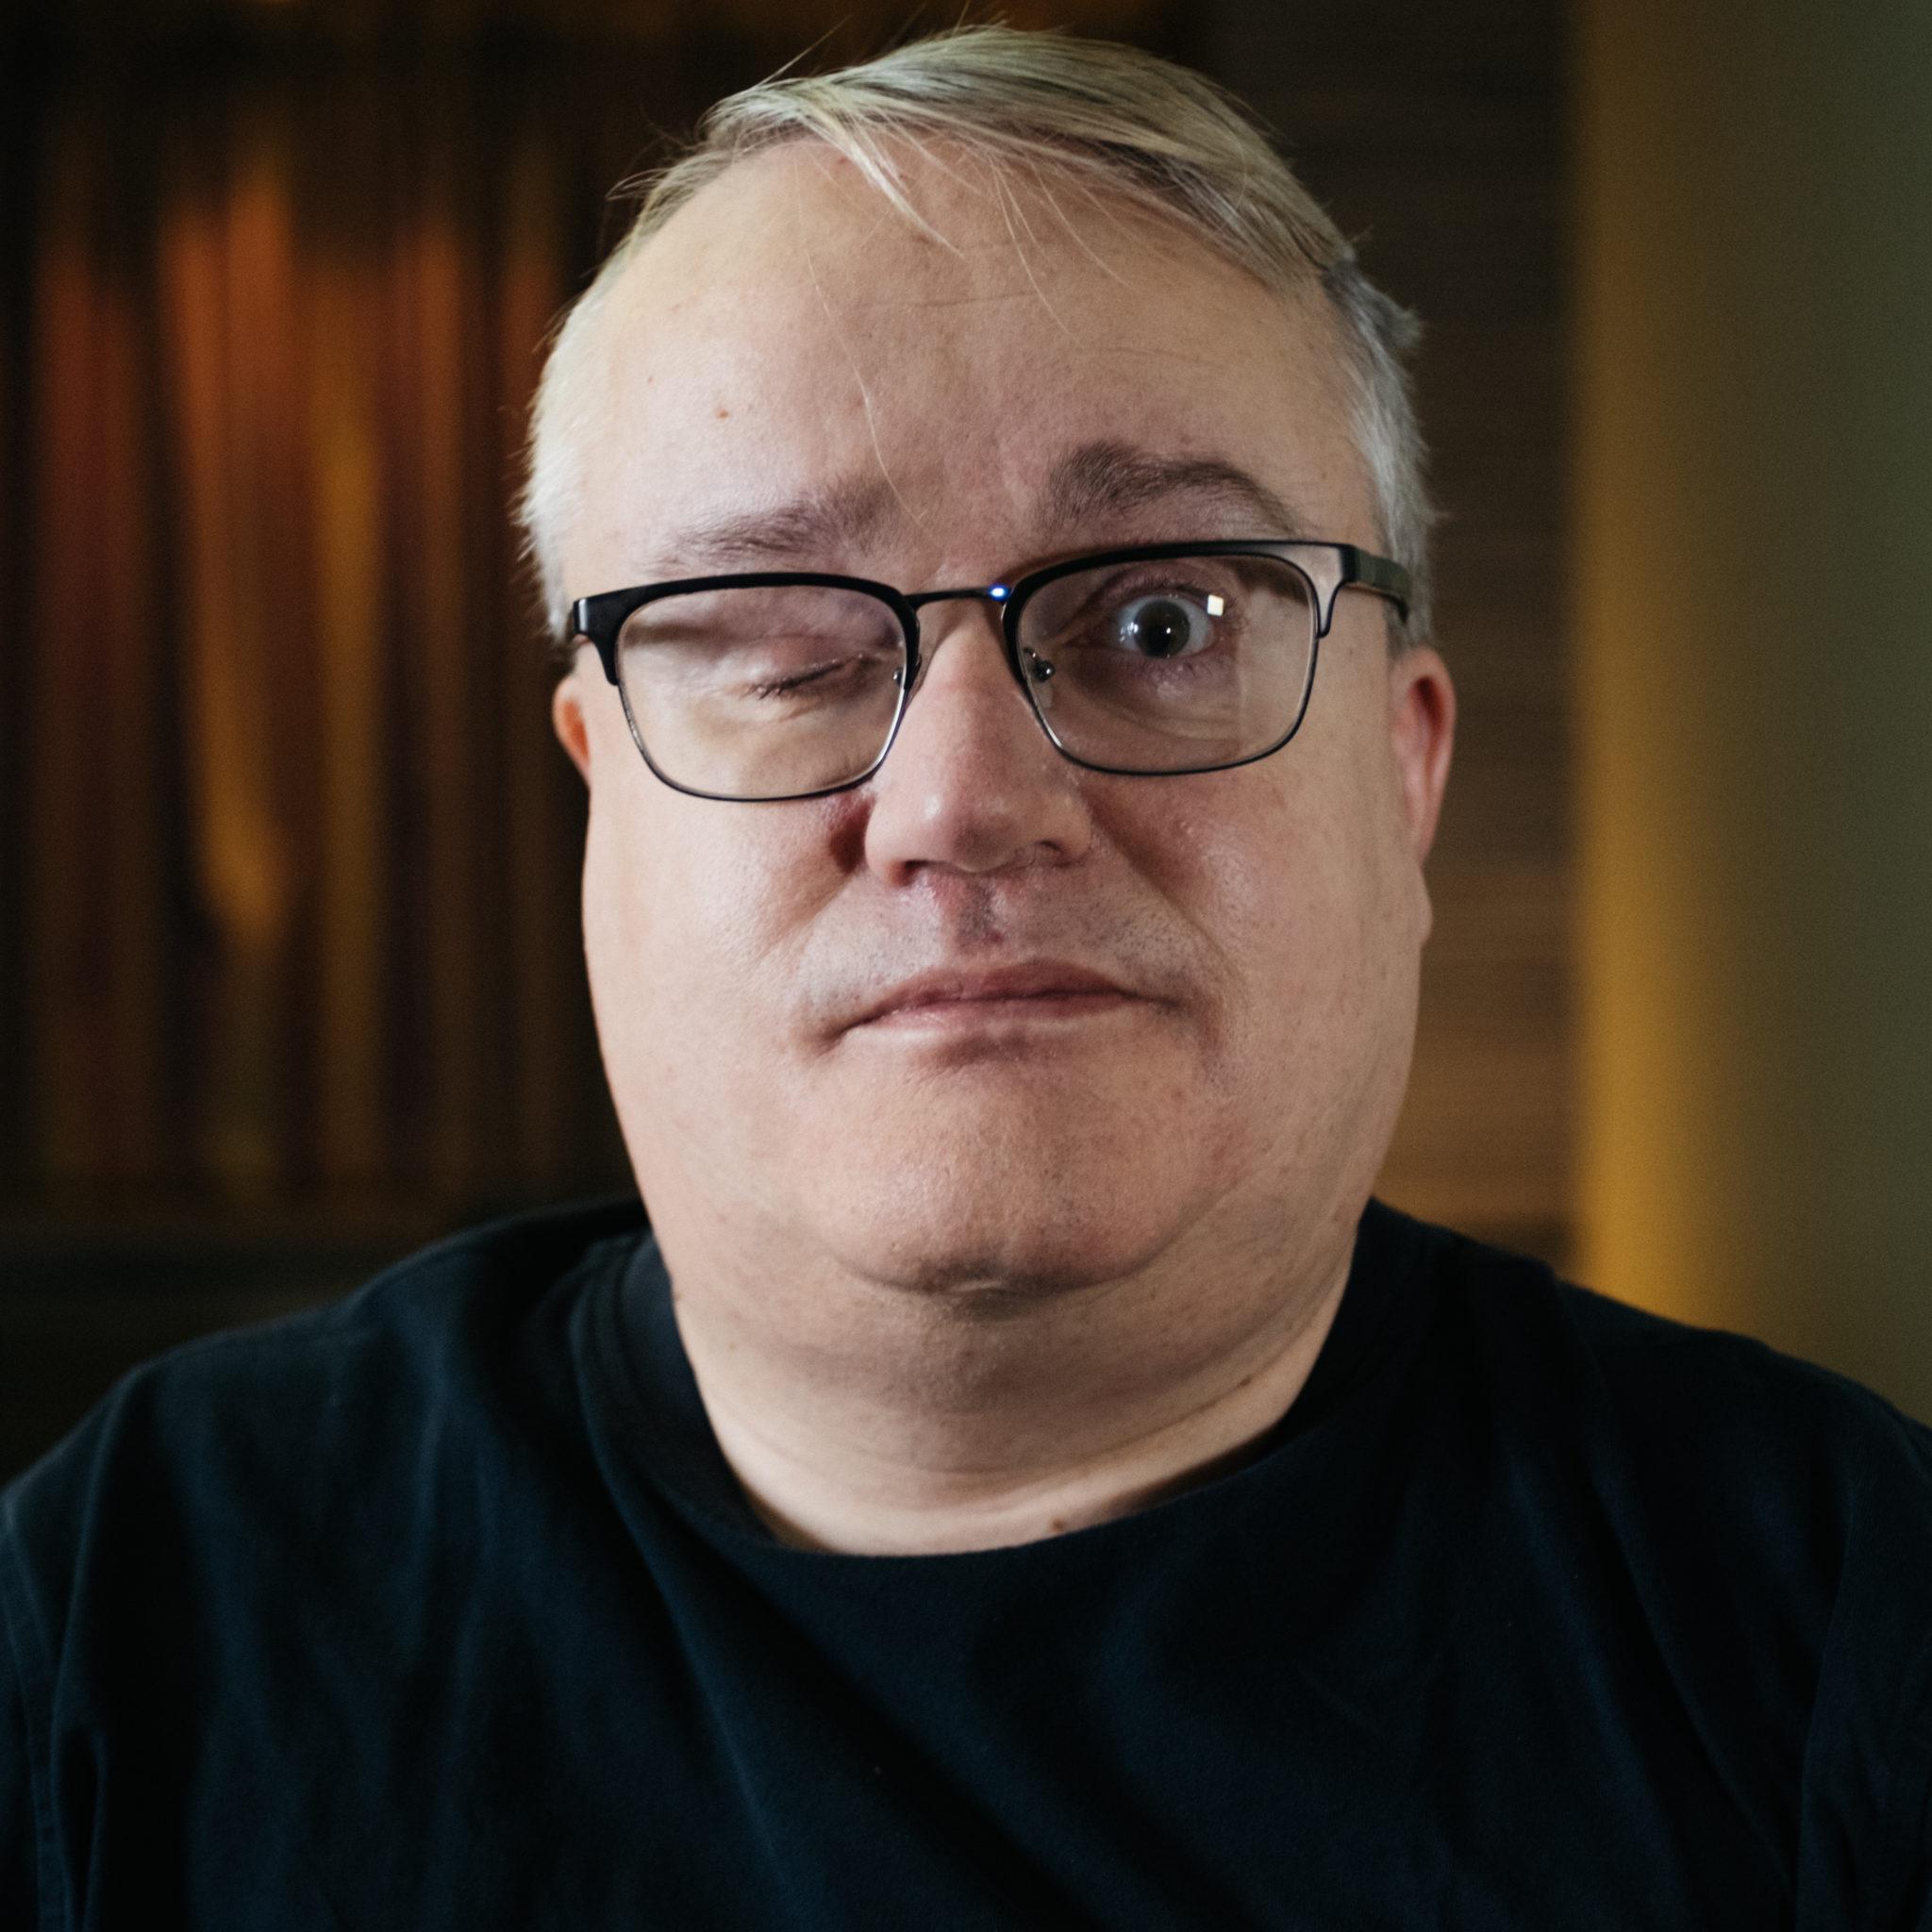 Geoff Adams-Spink